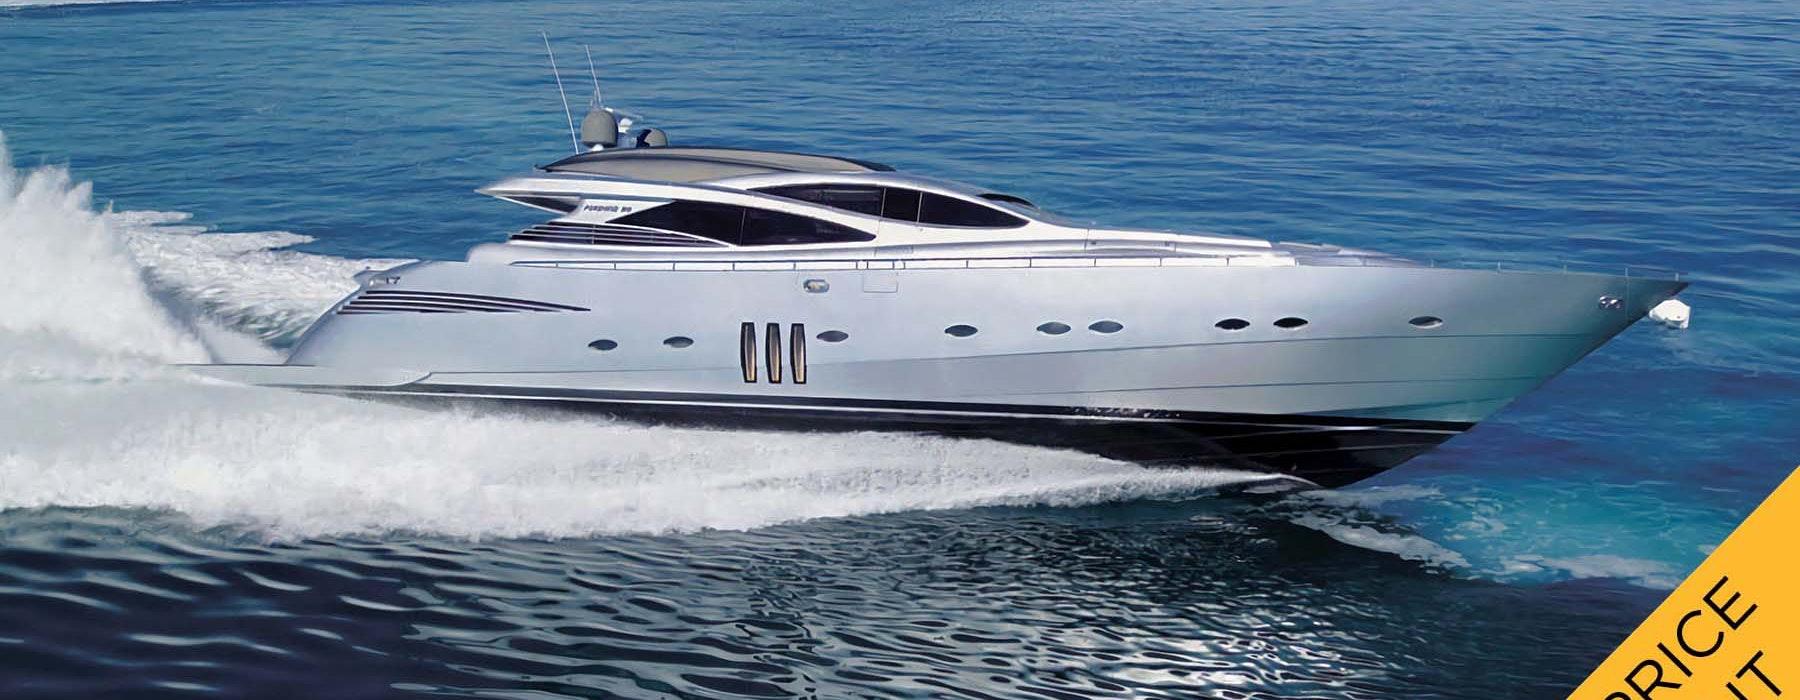 Motor yacht Pershing 90 PRICE CUT